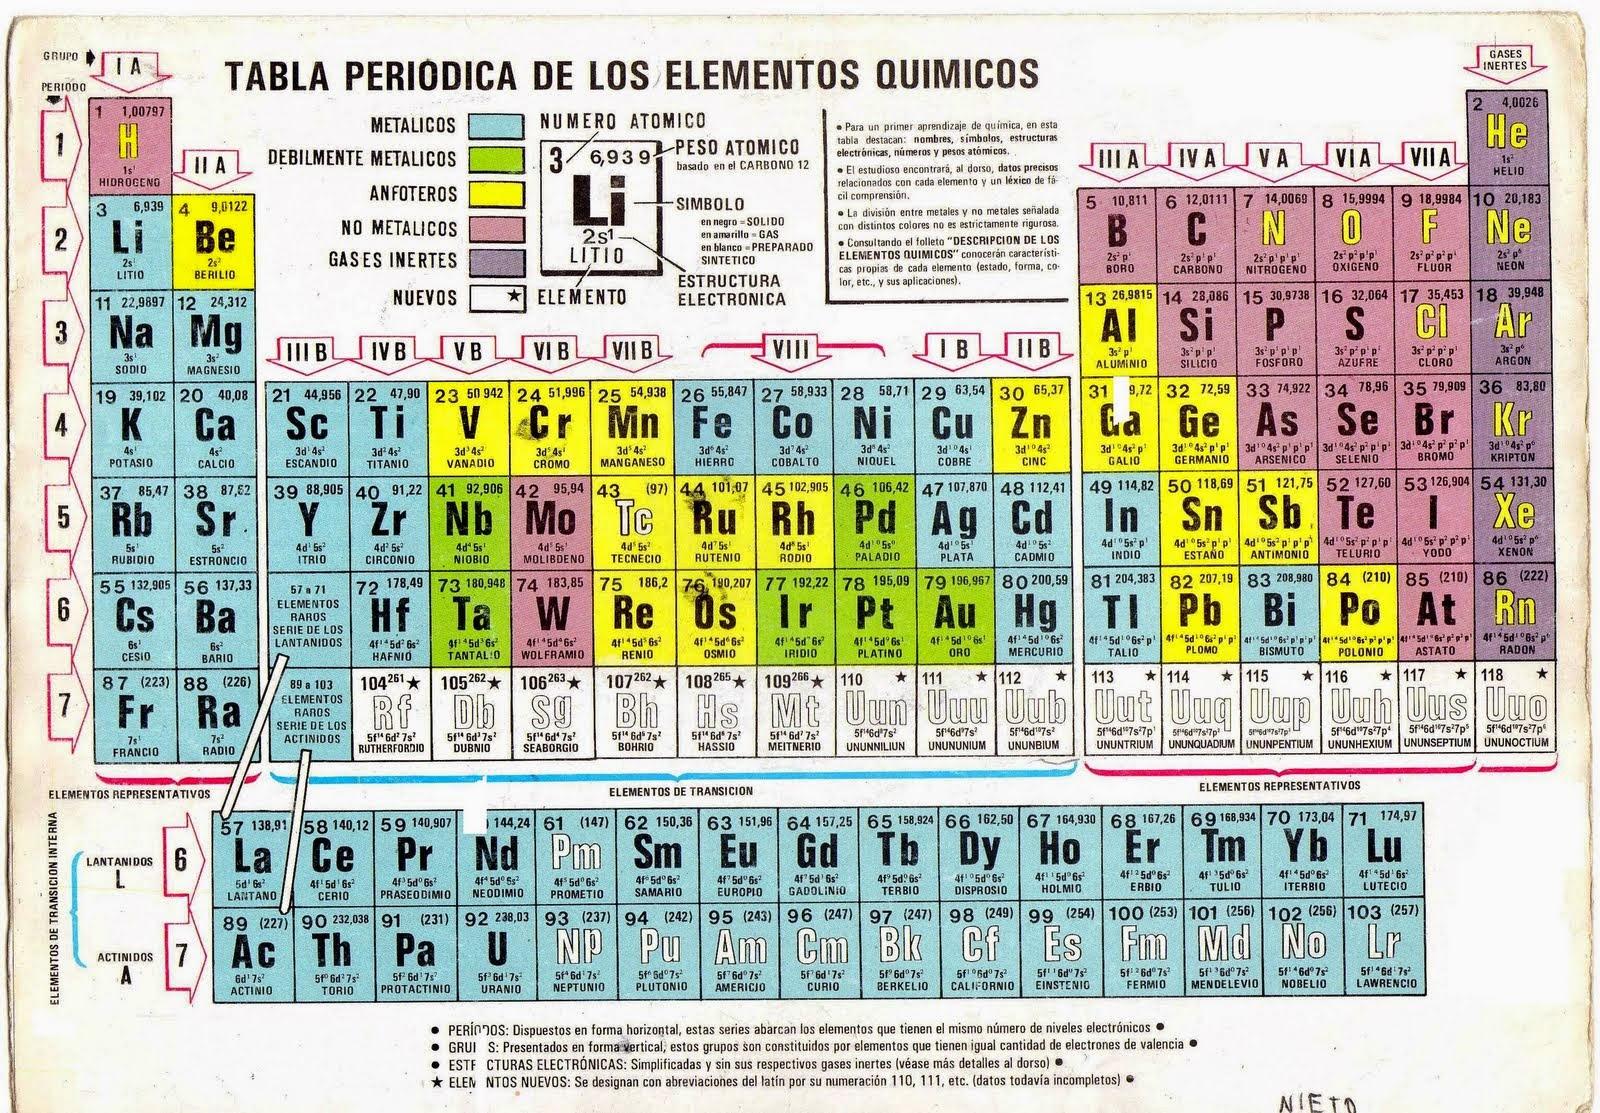 Mendeliev y su tabla peridica teoria atomica a finalizar el siglo xix el descubrimiento de la radiactividad por becquerel y los primero aos del siglo xx con la contribucin de max planck urtaz Images